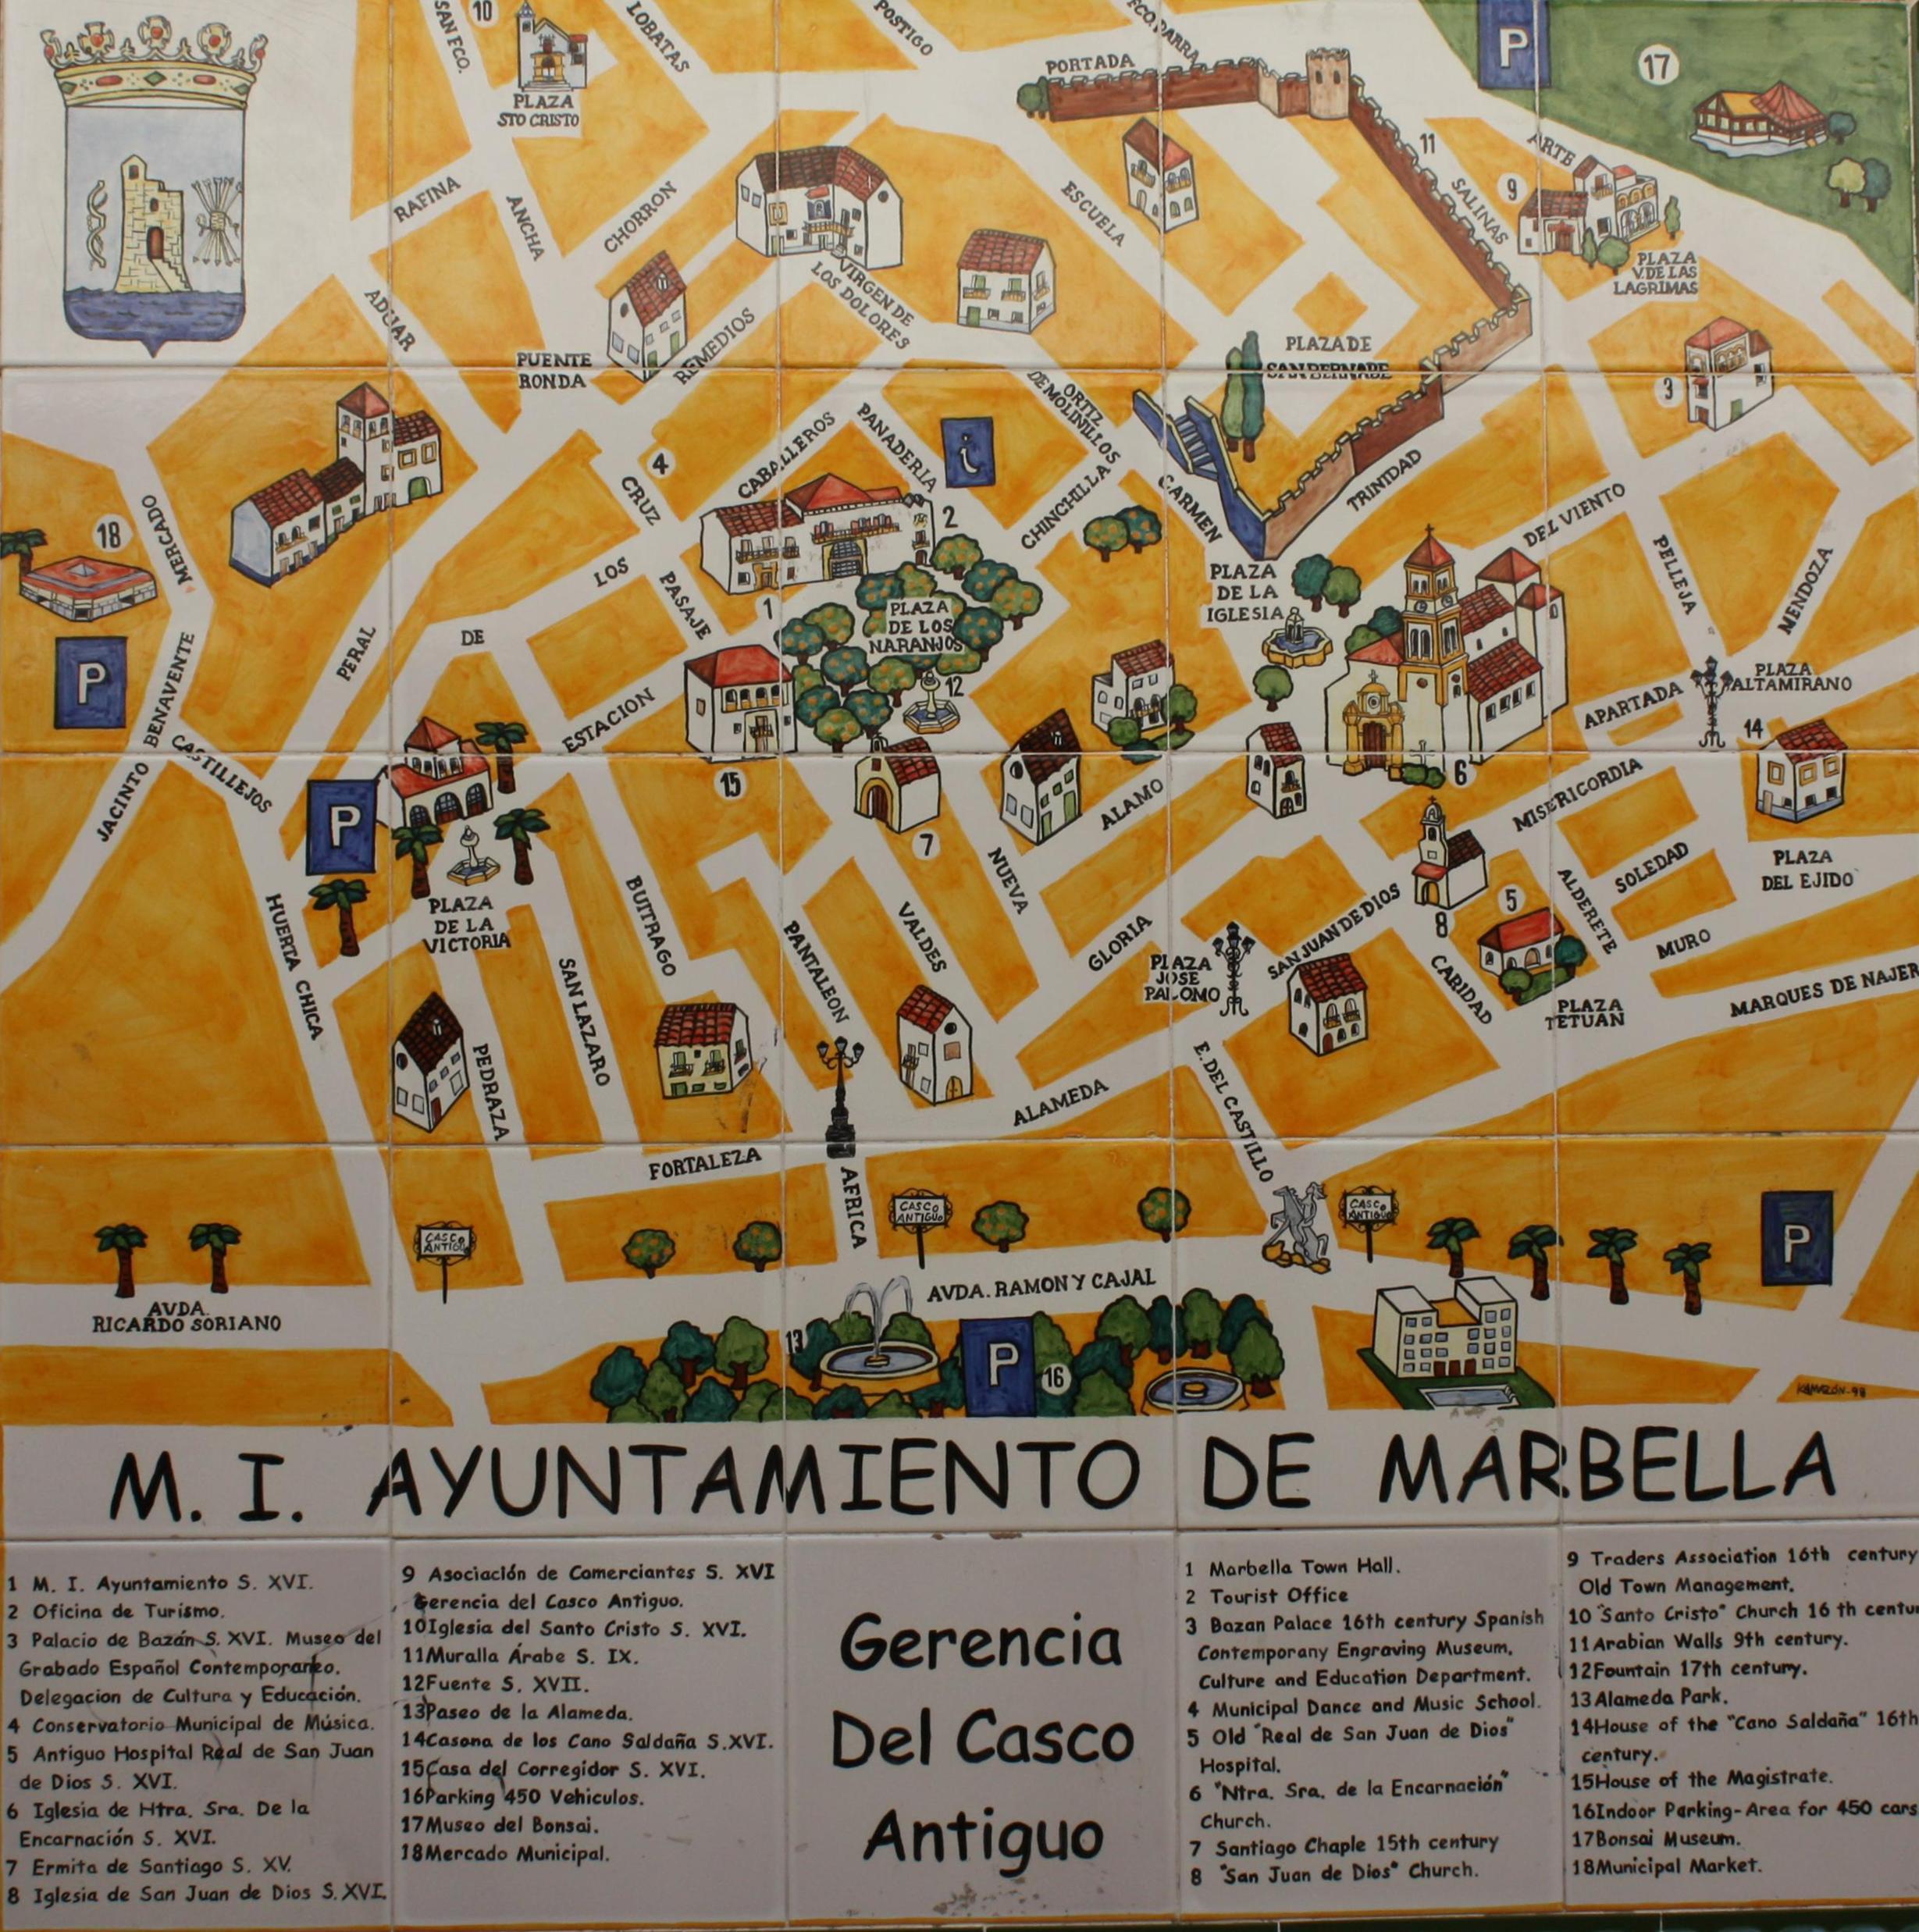 FilePlano Casco AntiguoMarbellajpg Wikimedia Commons